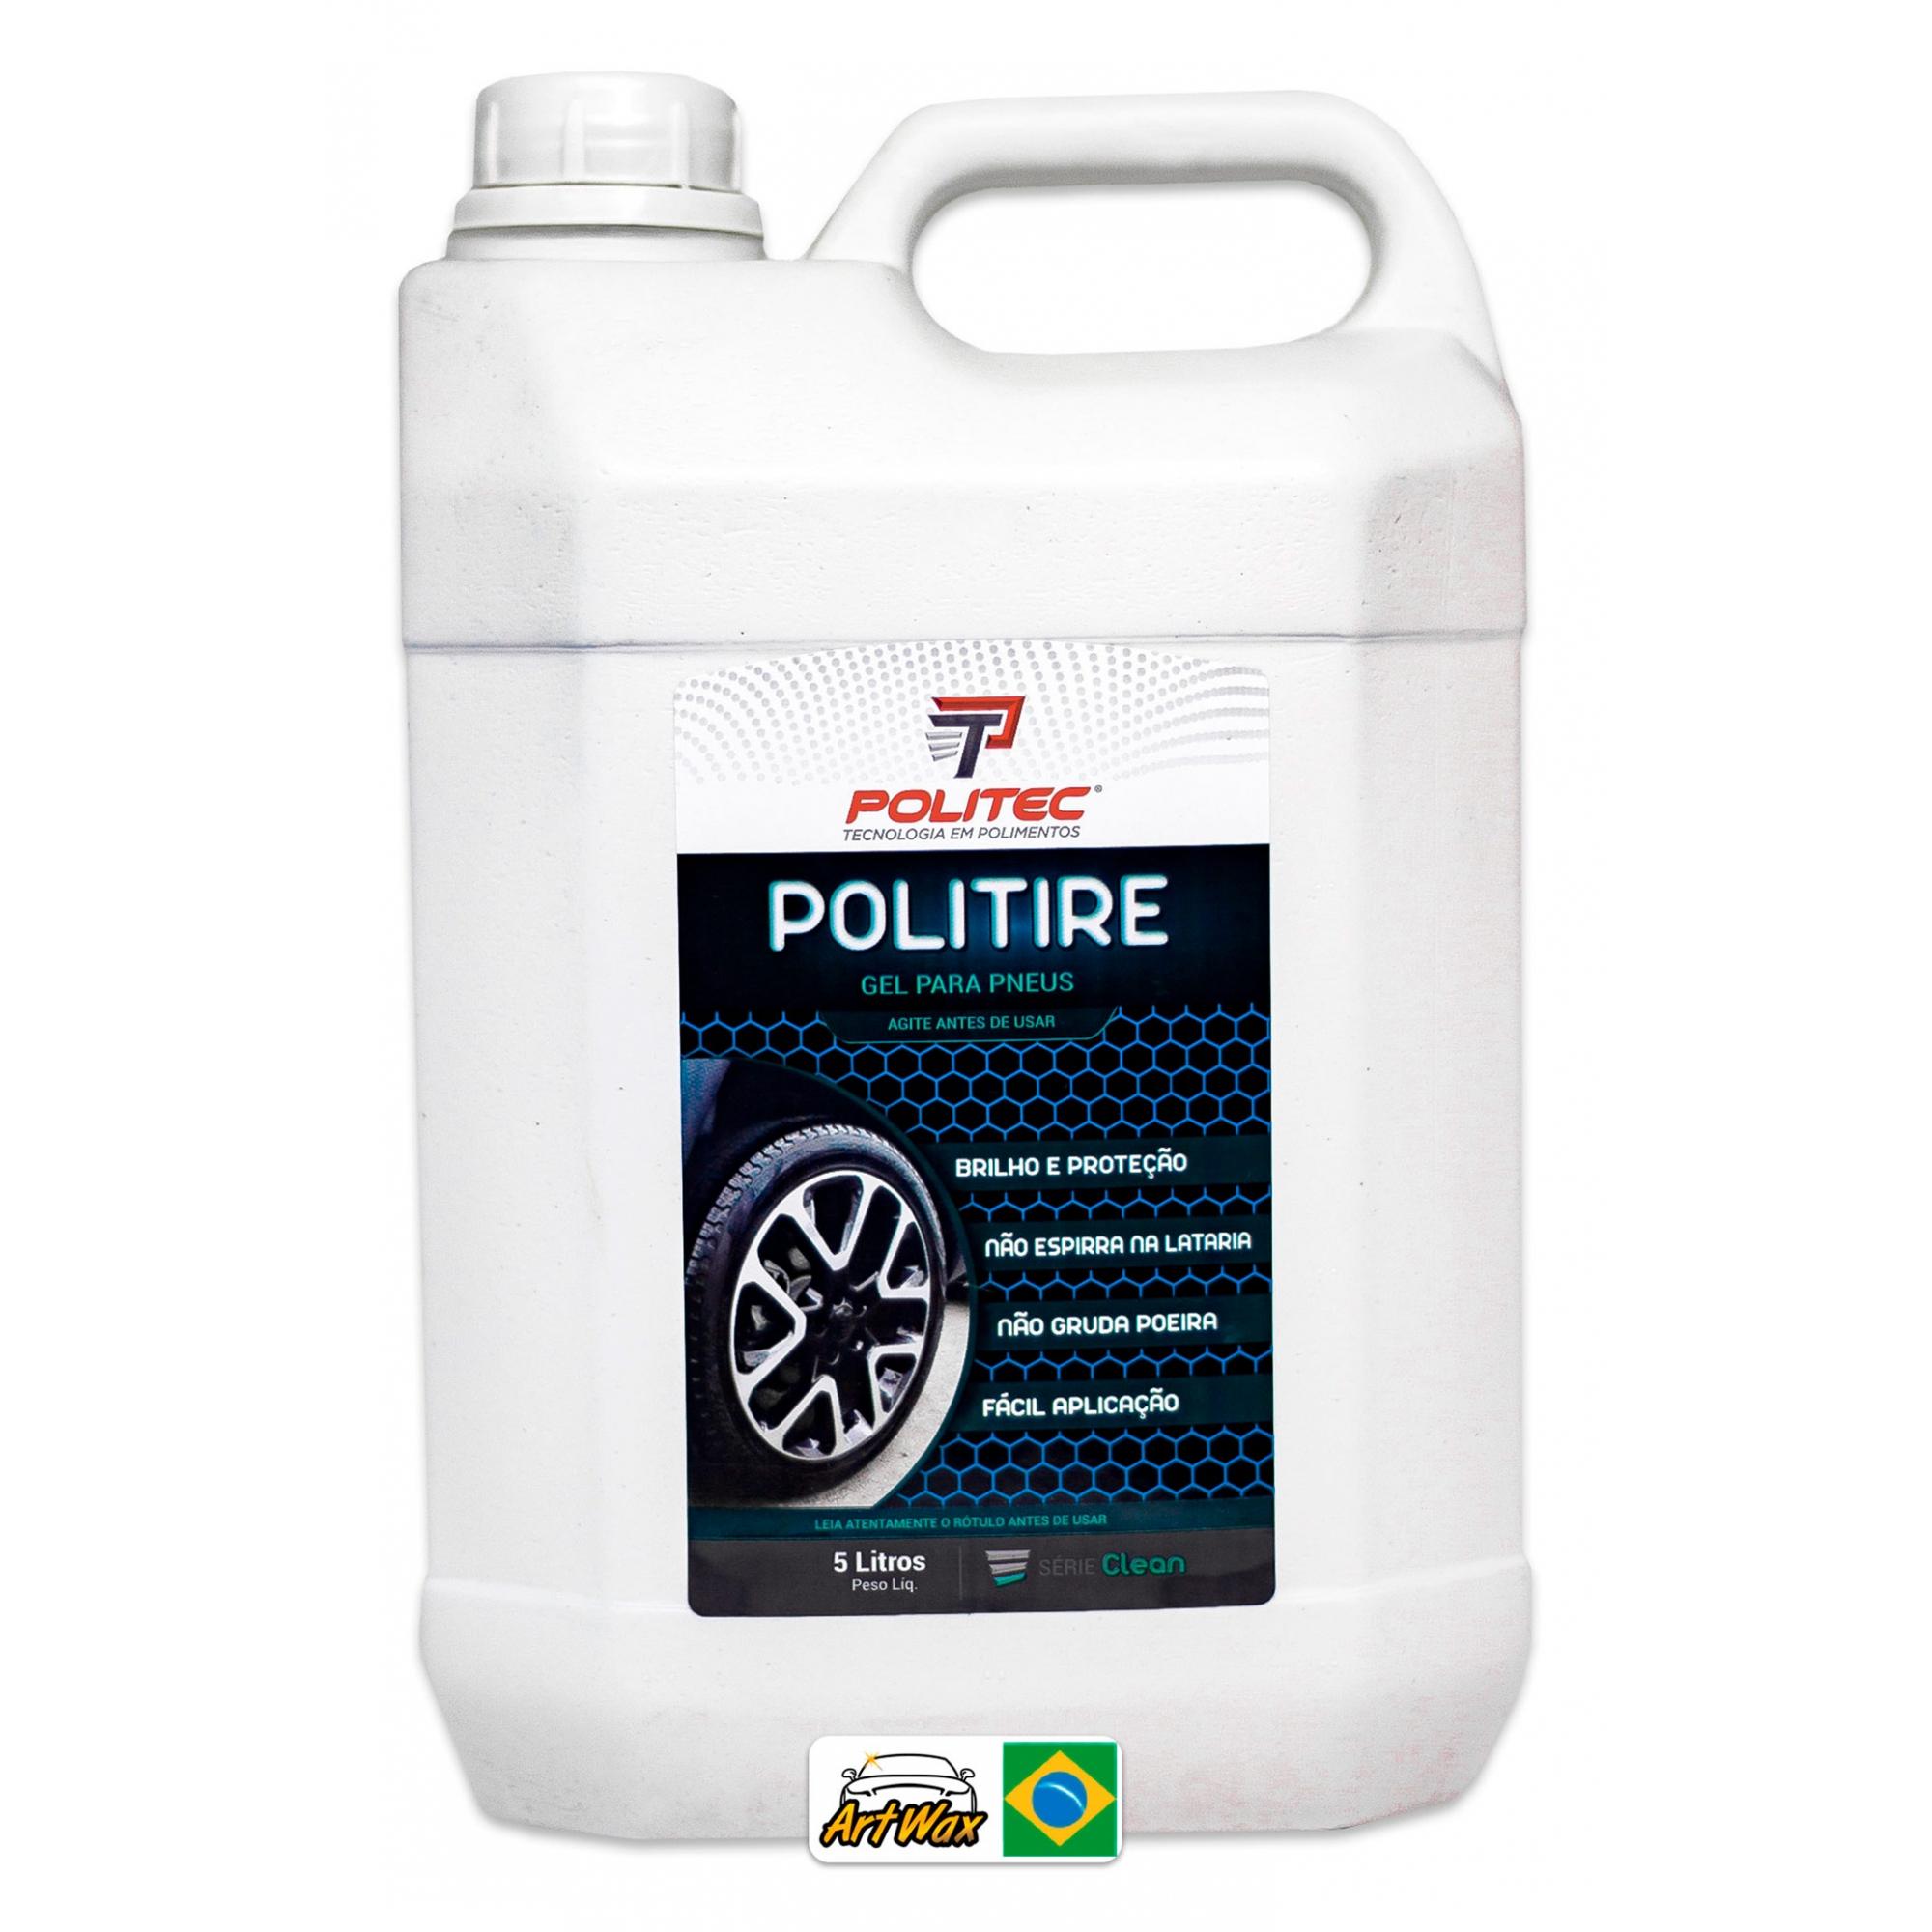 Politire 5L - Gel Para Pneu Brilho e Proteção Politec